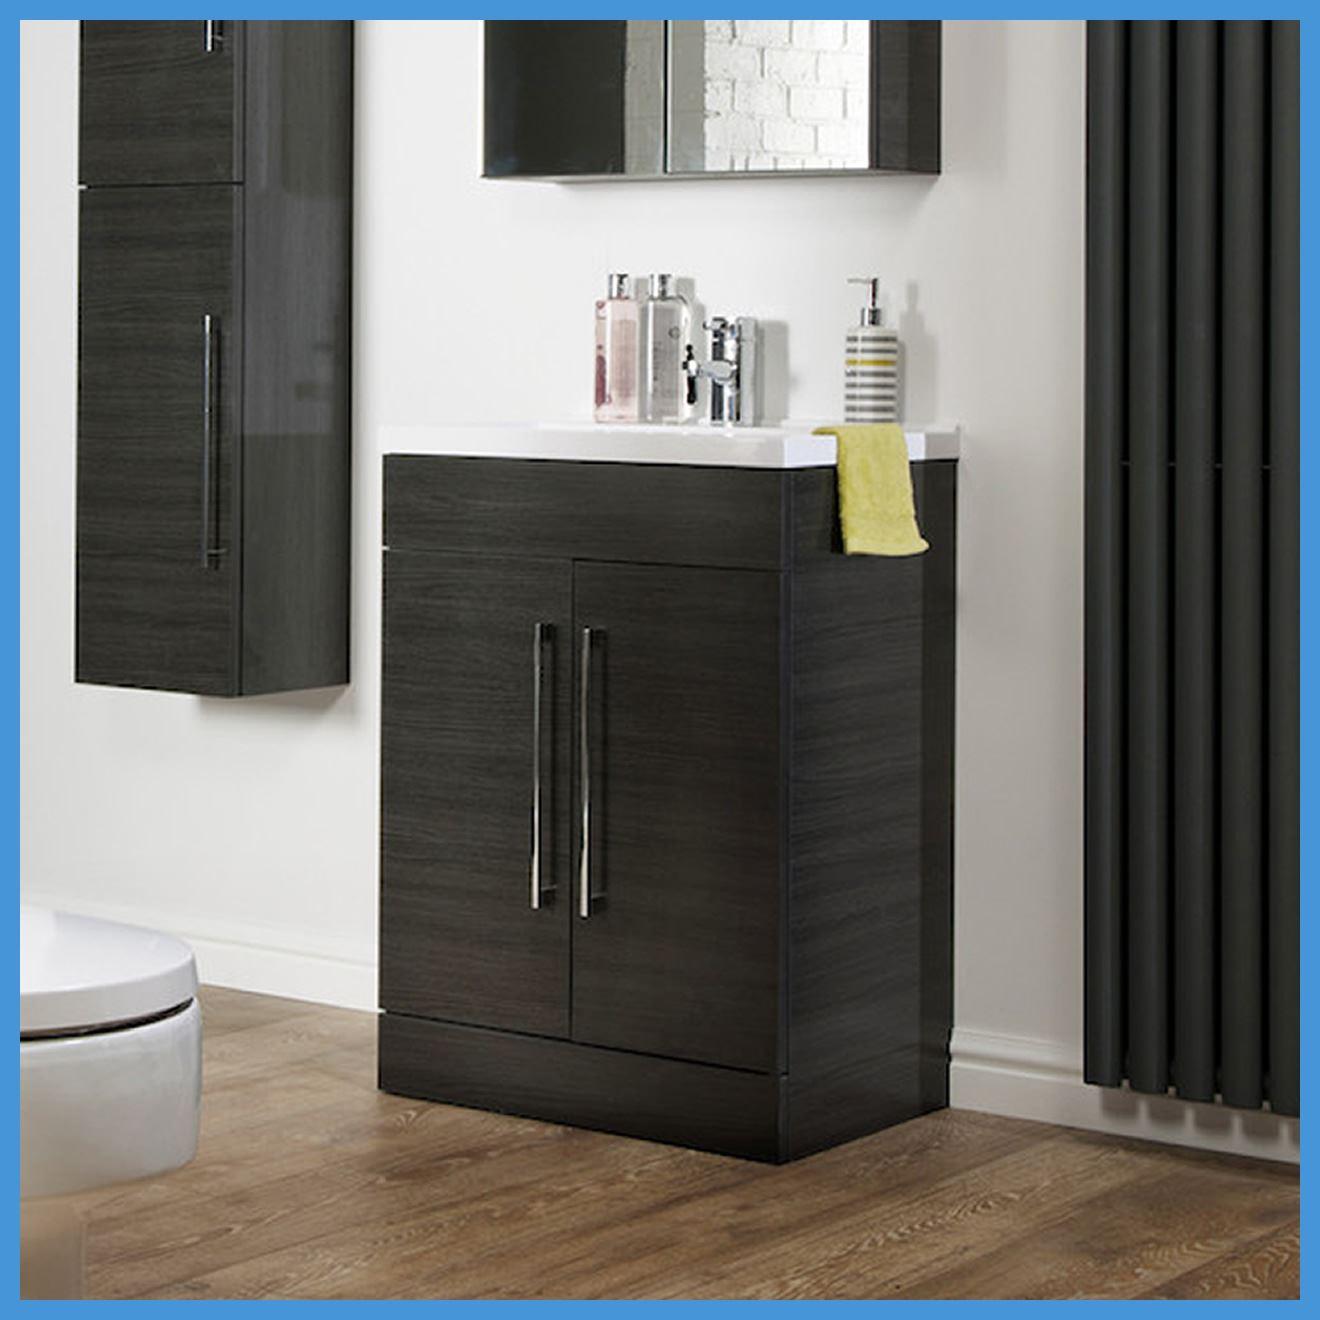 bathroom furniture black ash vanity unit cabinet basin back to wall wc unit ebay. Black Bedroom Furniture Sets. Home Design Ideas